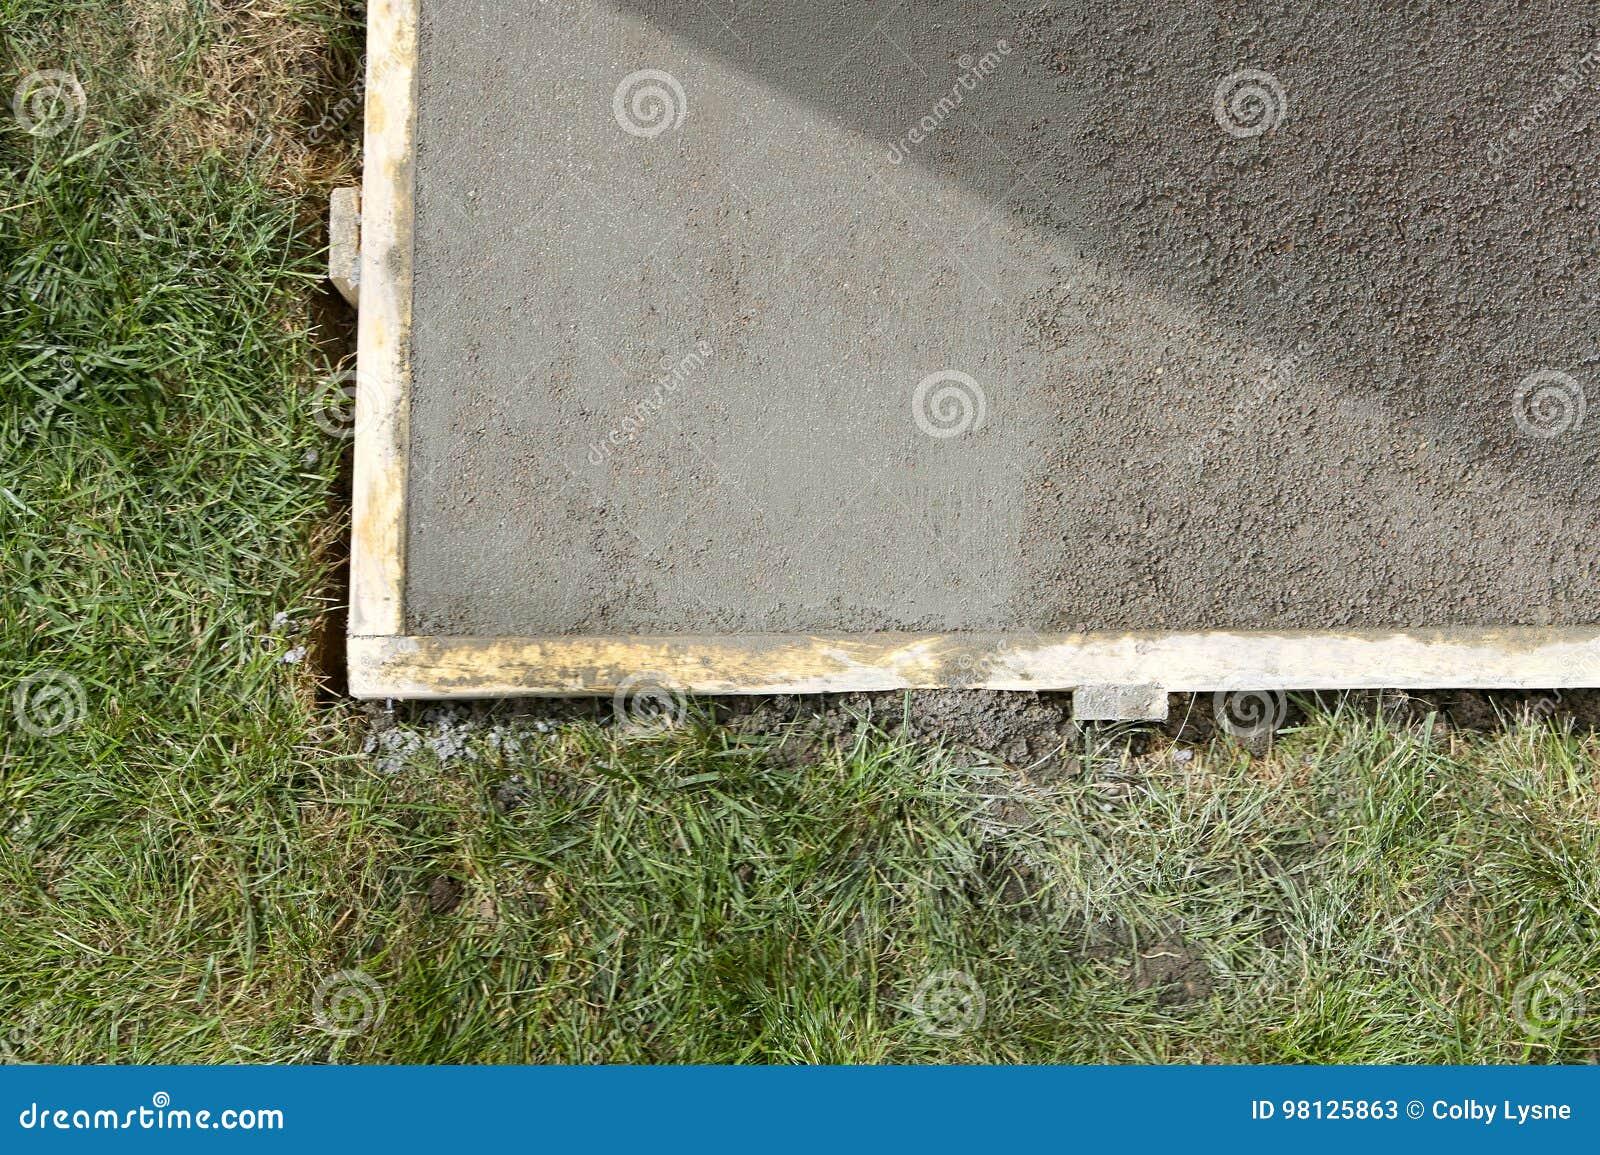 diy ont mouillé la dalle en béton et le travail en bois de forme